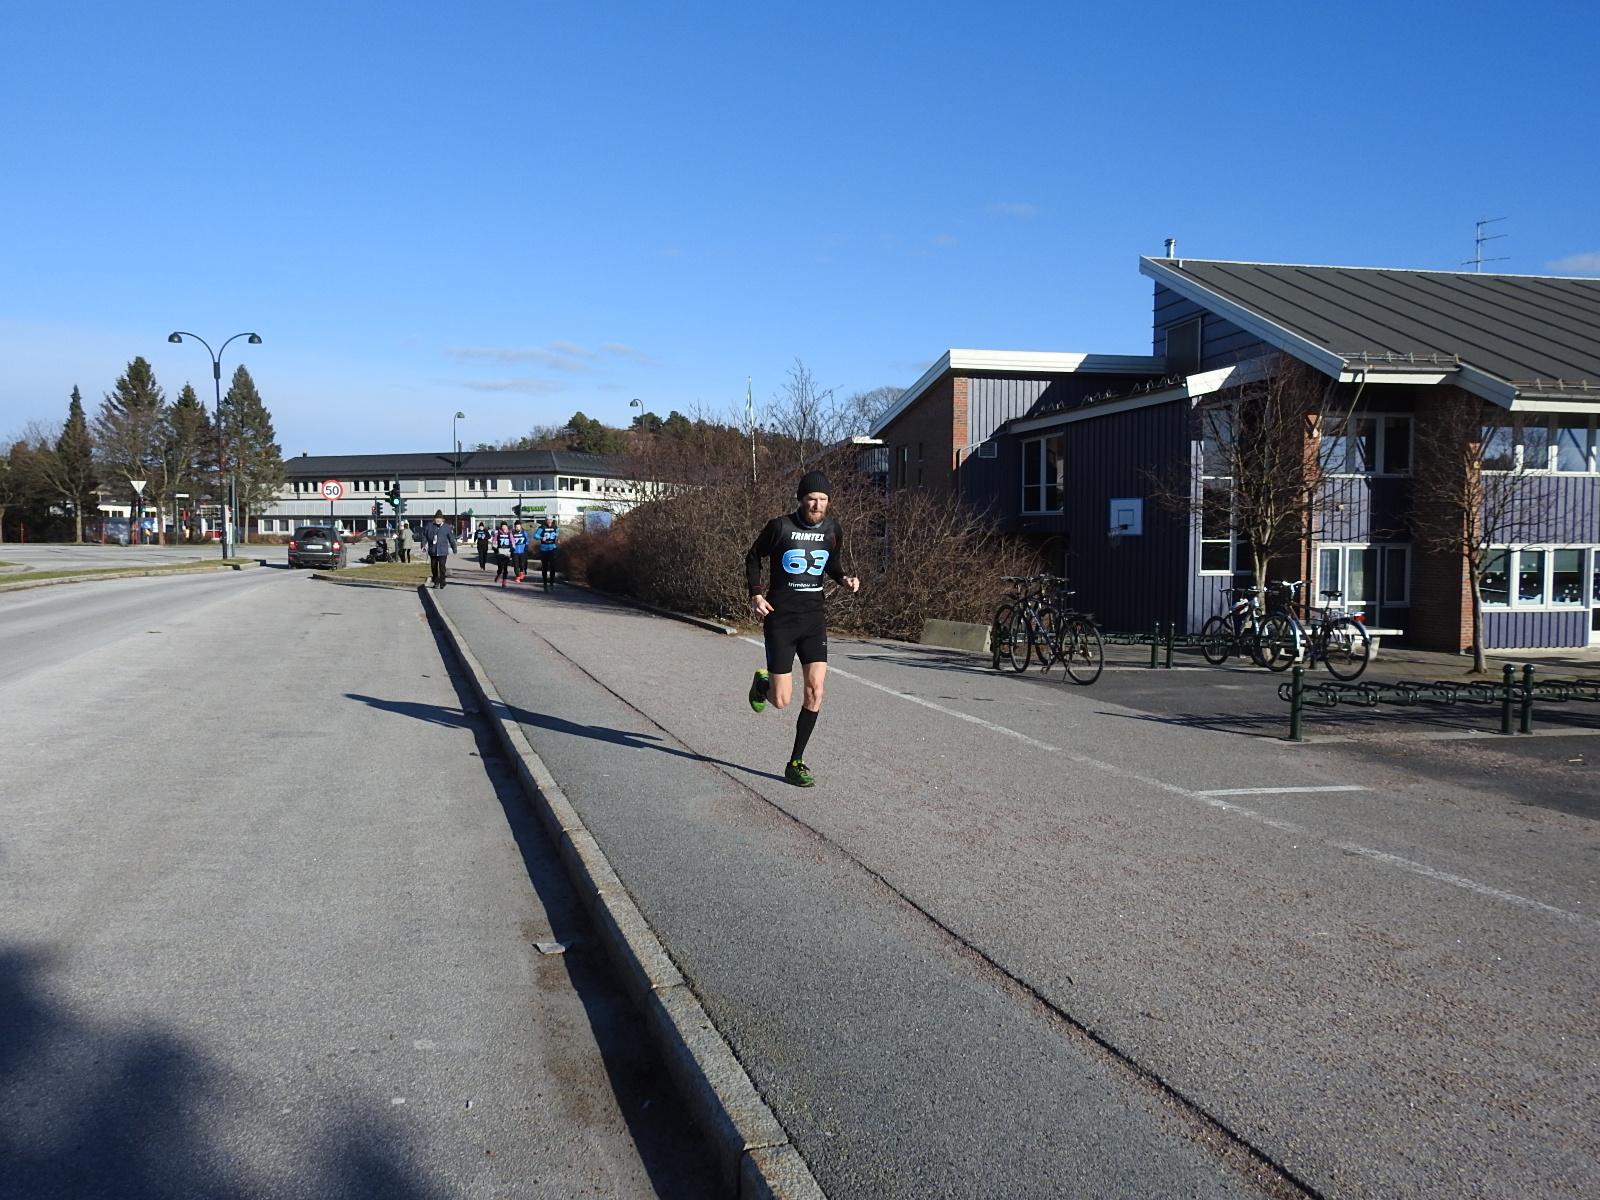 2016-02-13 Krs løp (02).jpg